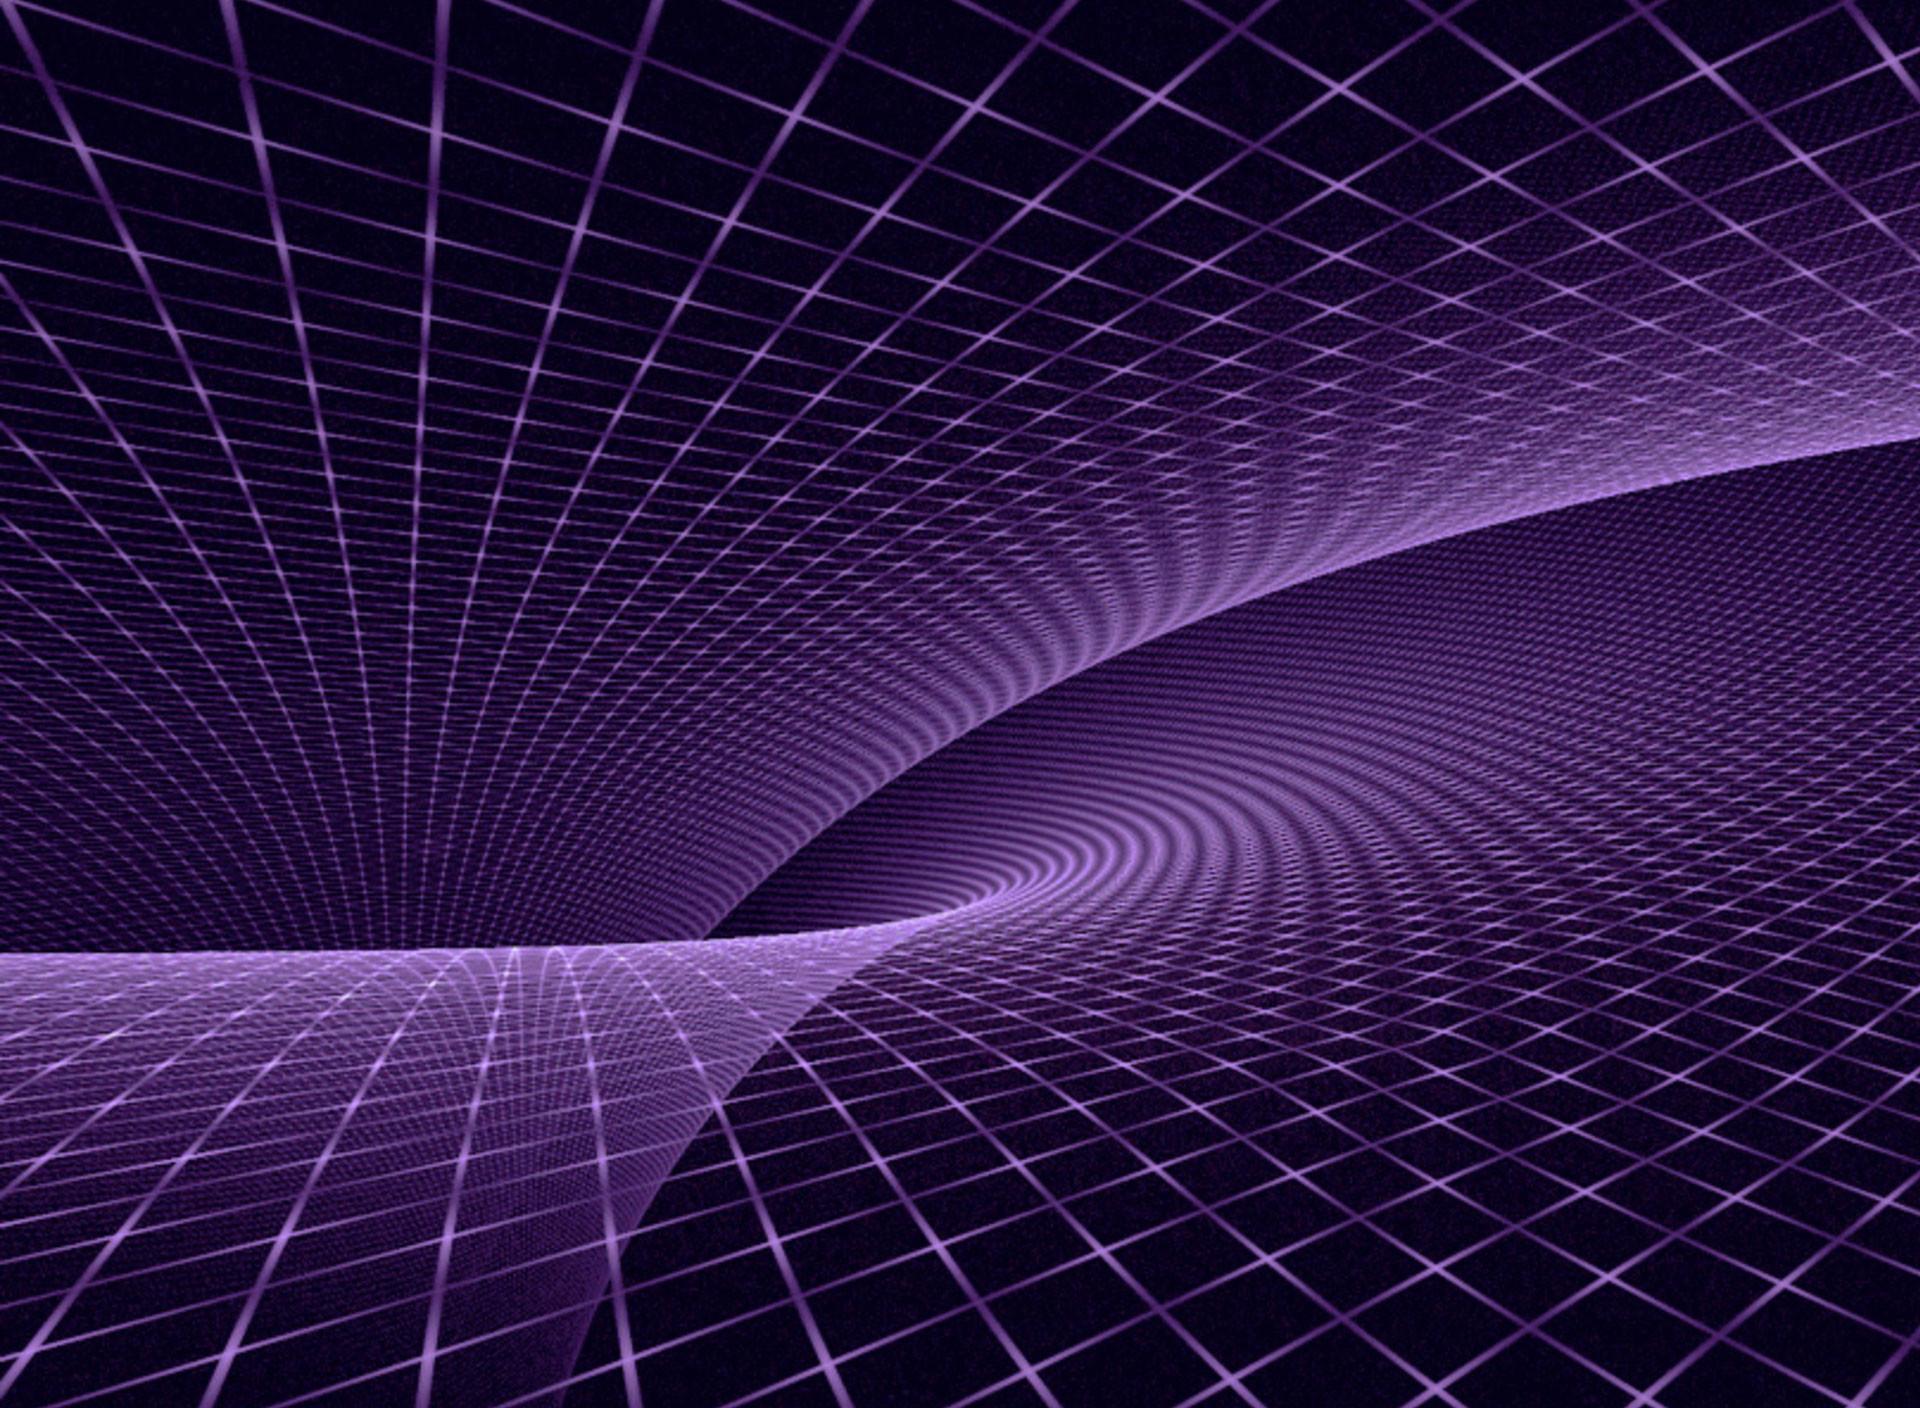 Asus Eee Pad Slider Purple Fractal wallpapers | Asus Eee Pad Slider .